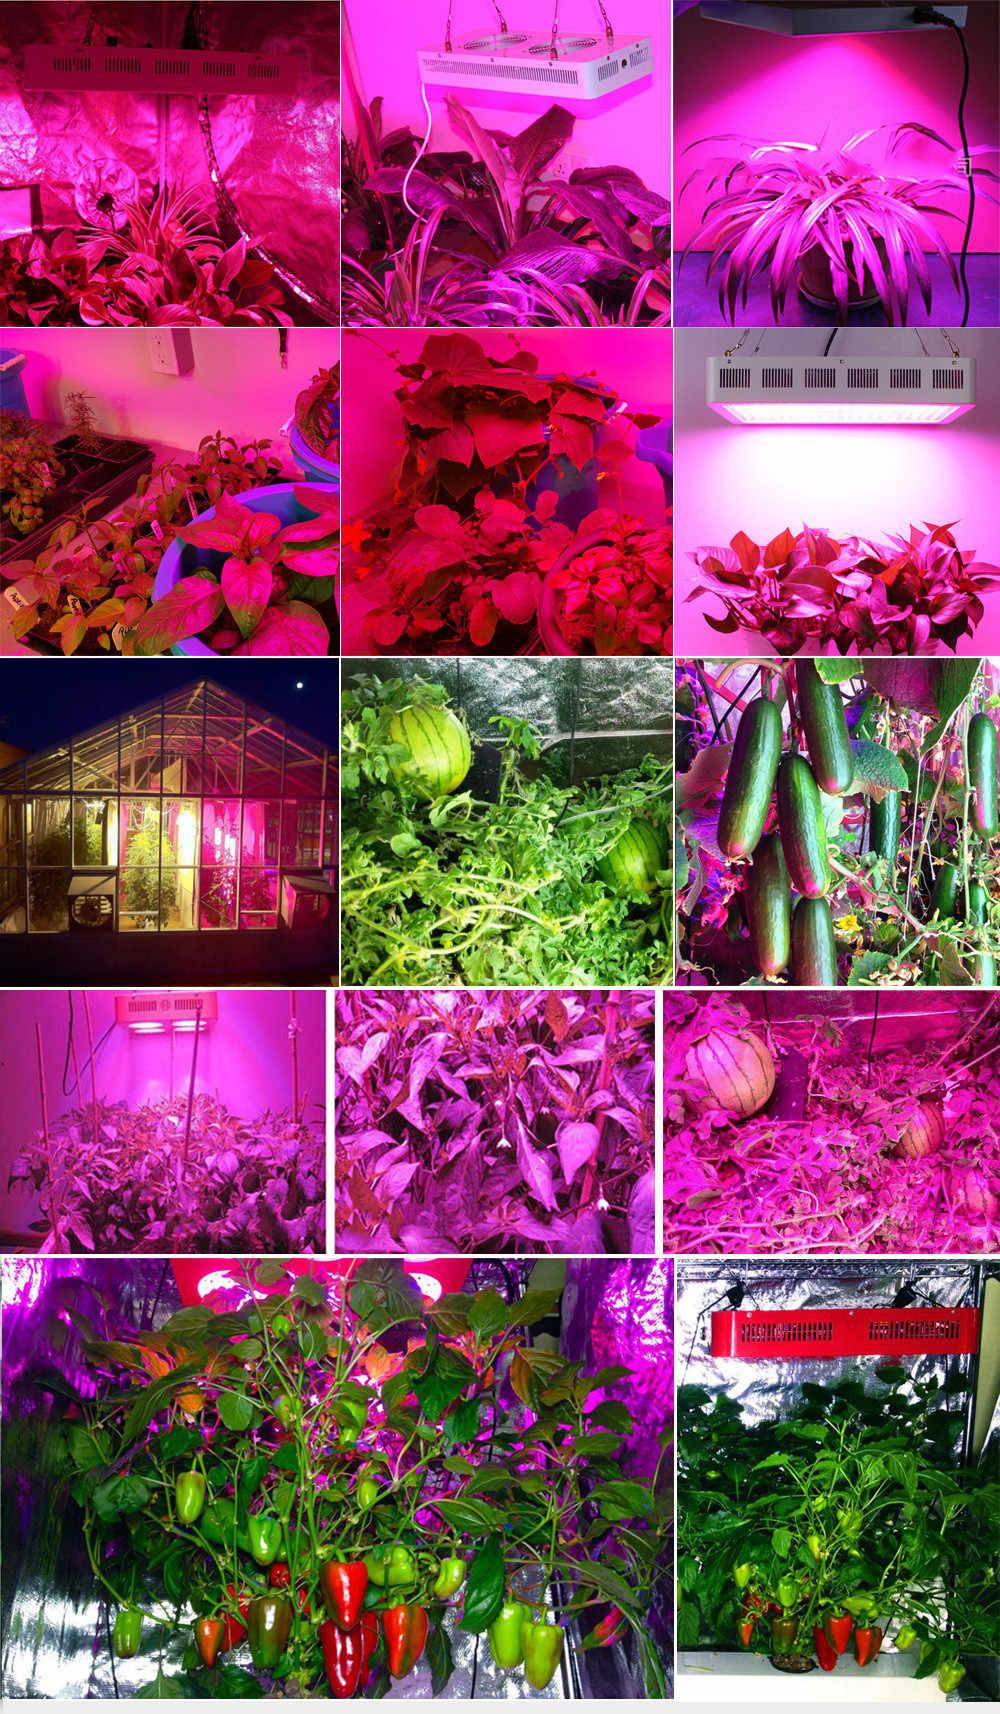 Светодиодный светильник для выращивания kingled, полный спектр, 1200 Вт, для комнатных растений, Фито, лампа, лампа для растения парниковые, growbox, veg, цветение, кормление